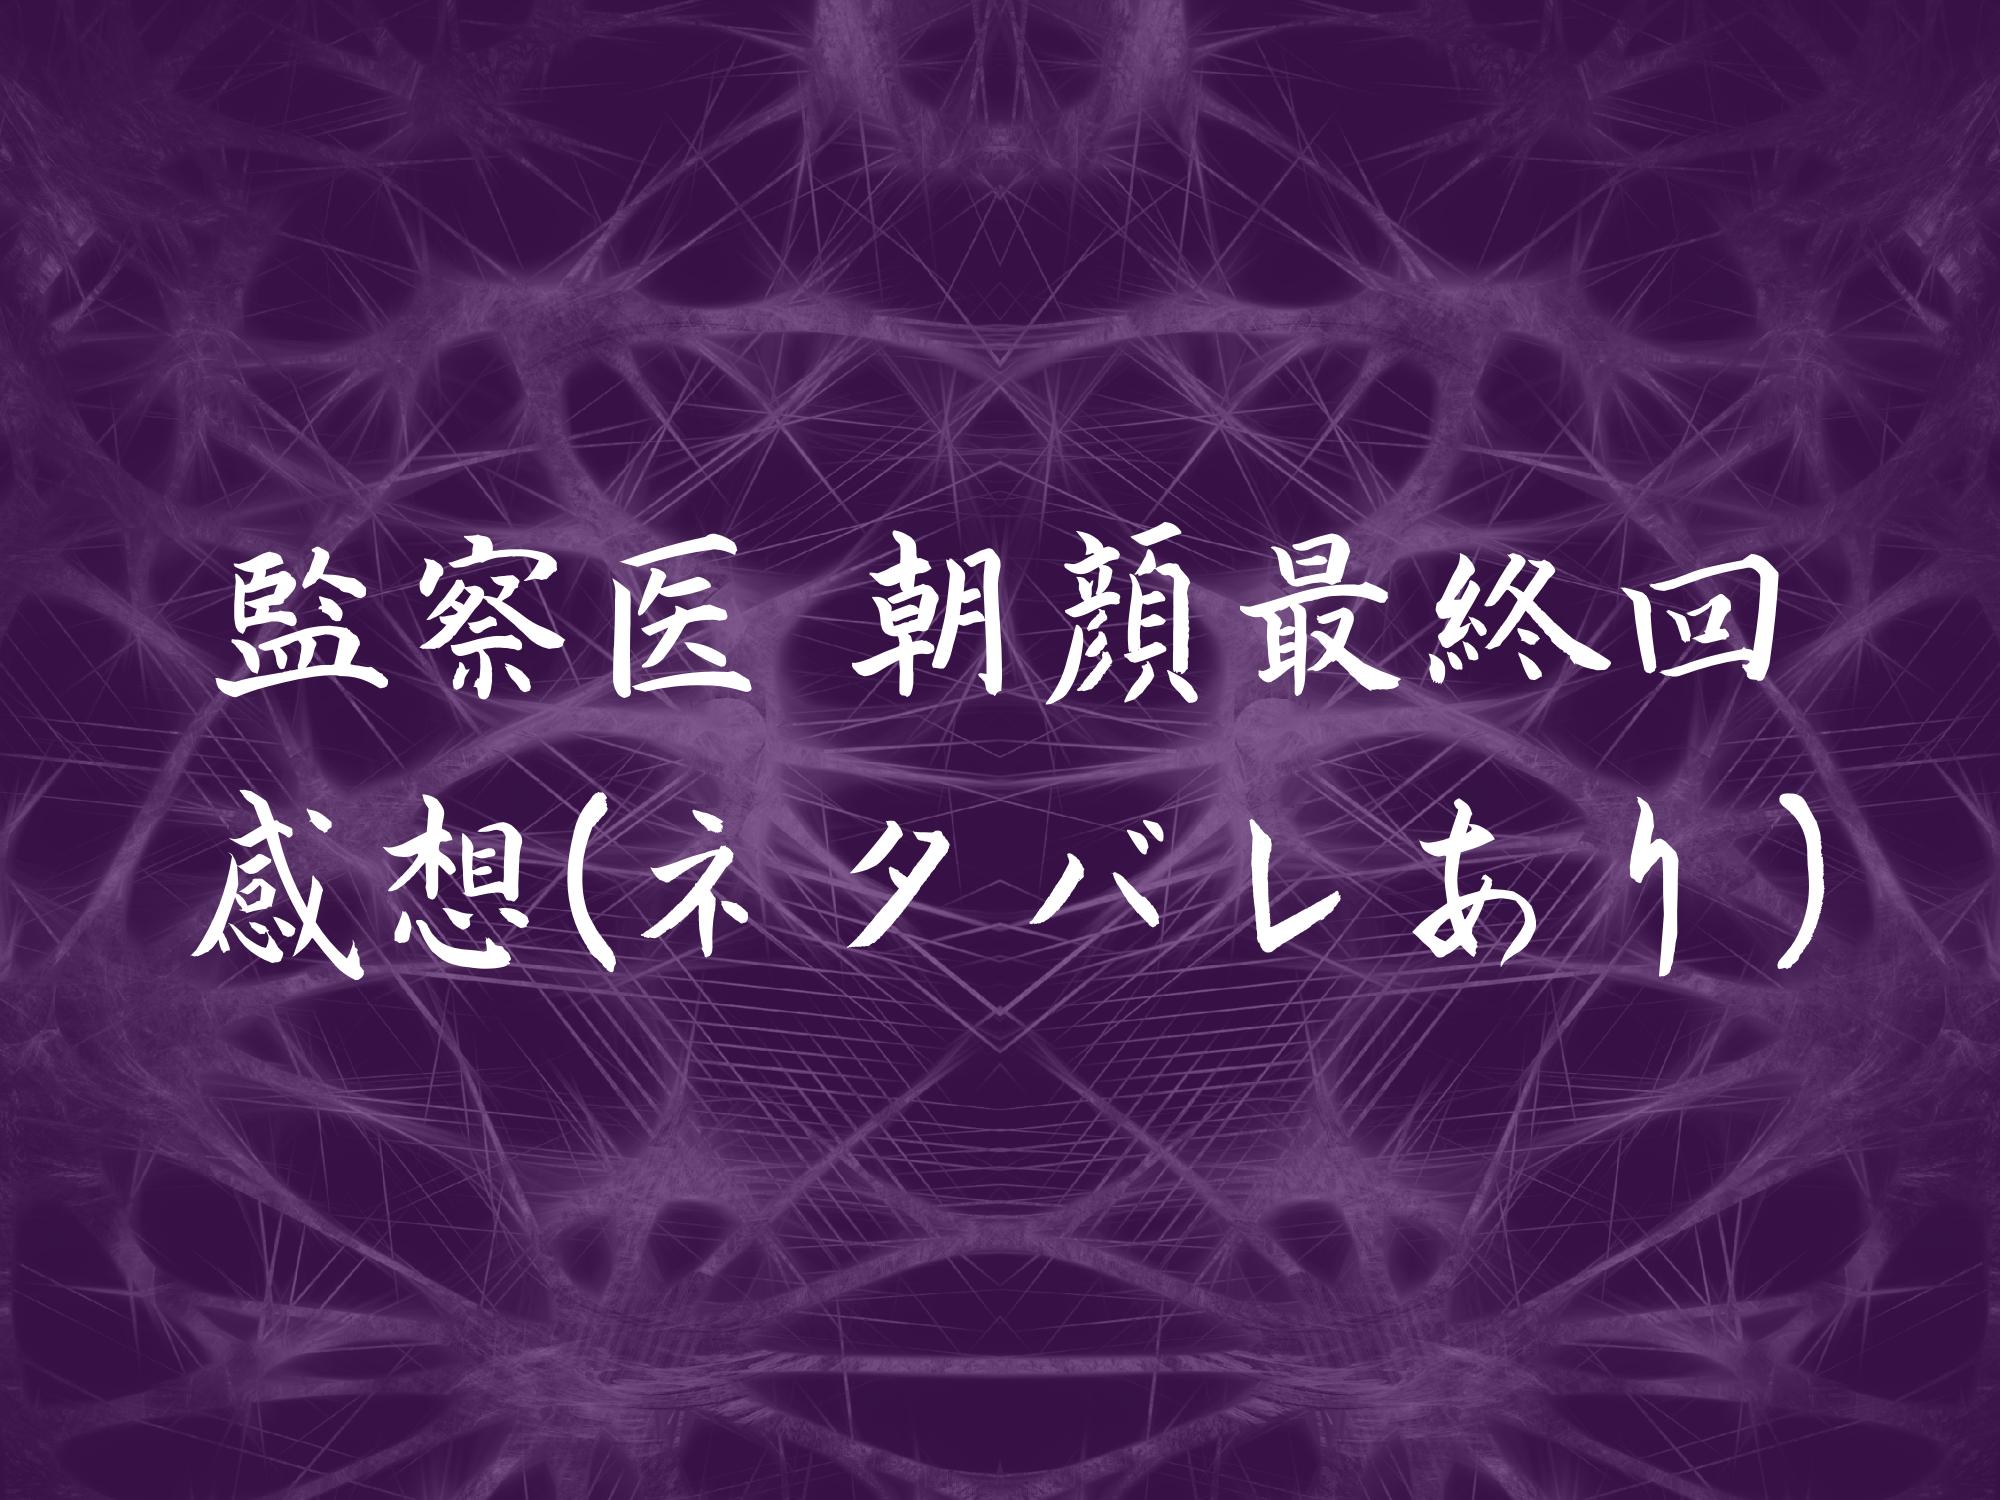 最終 朝顔 回 ドラマ 監察医 朝顔:最終話